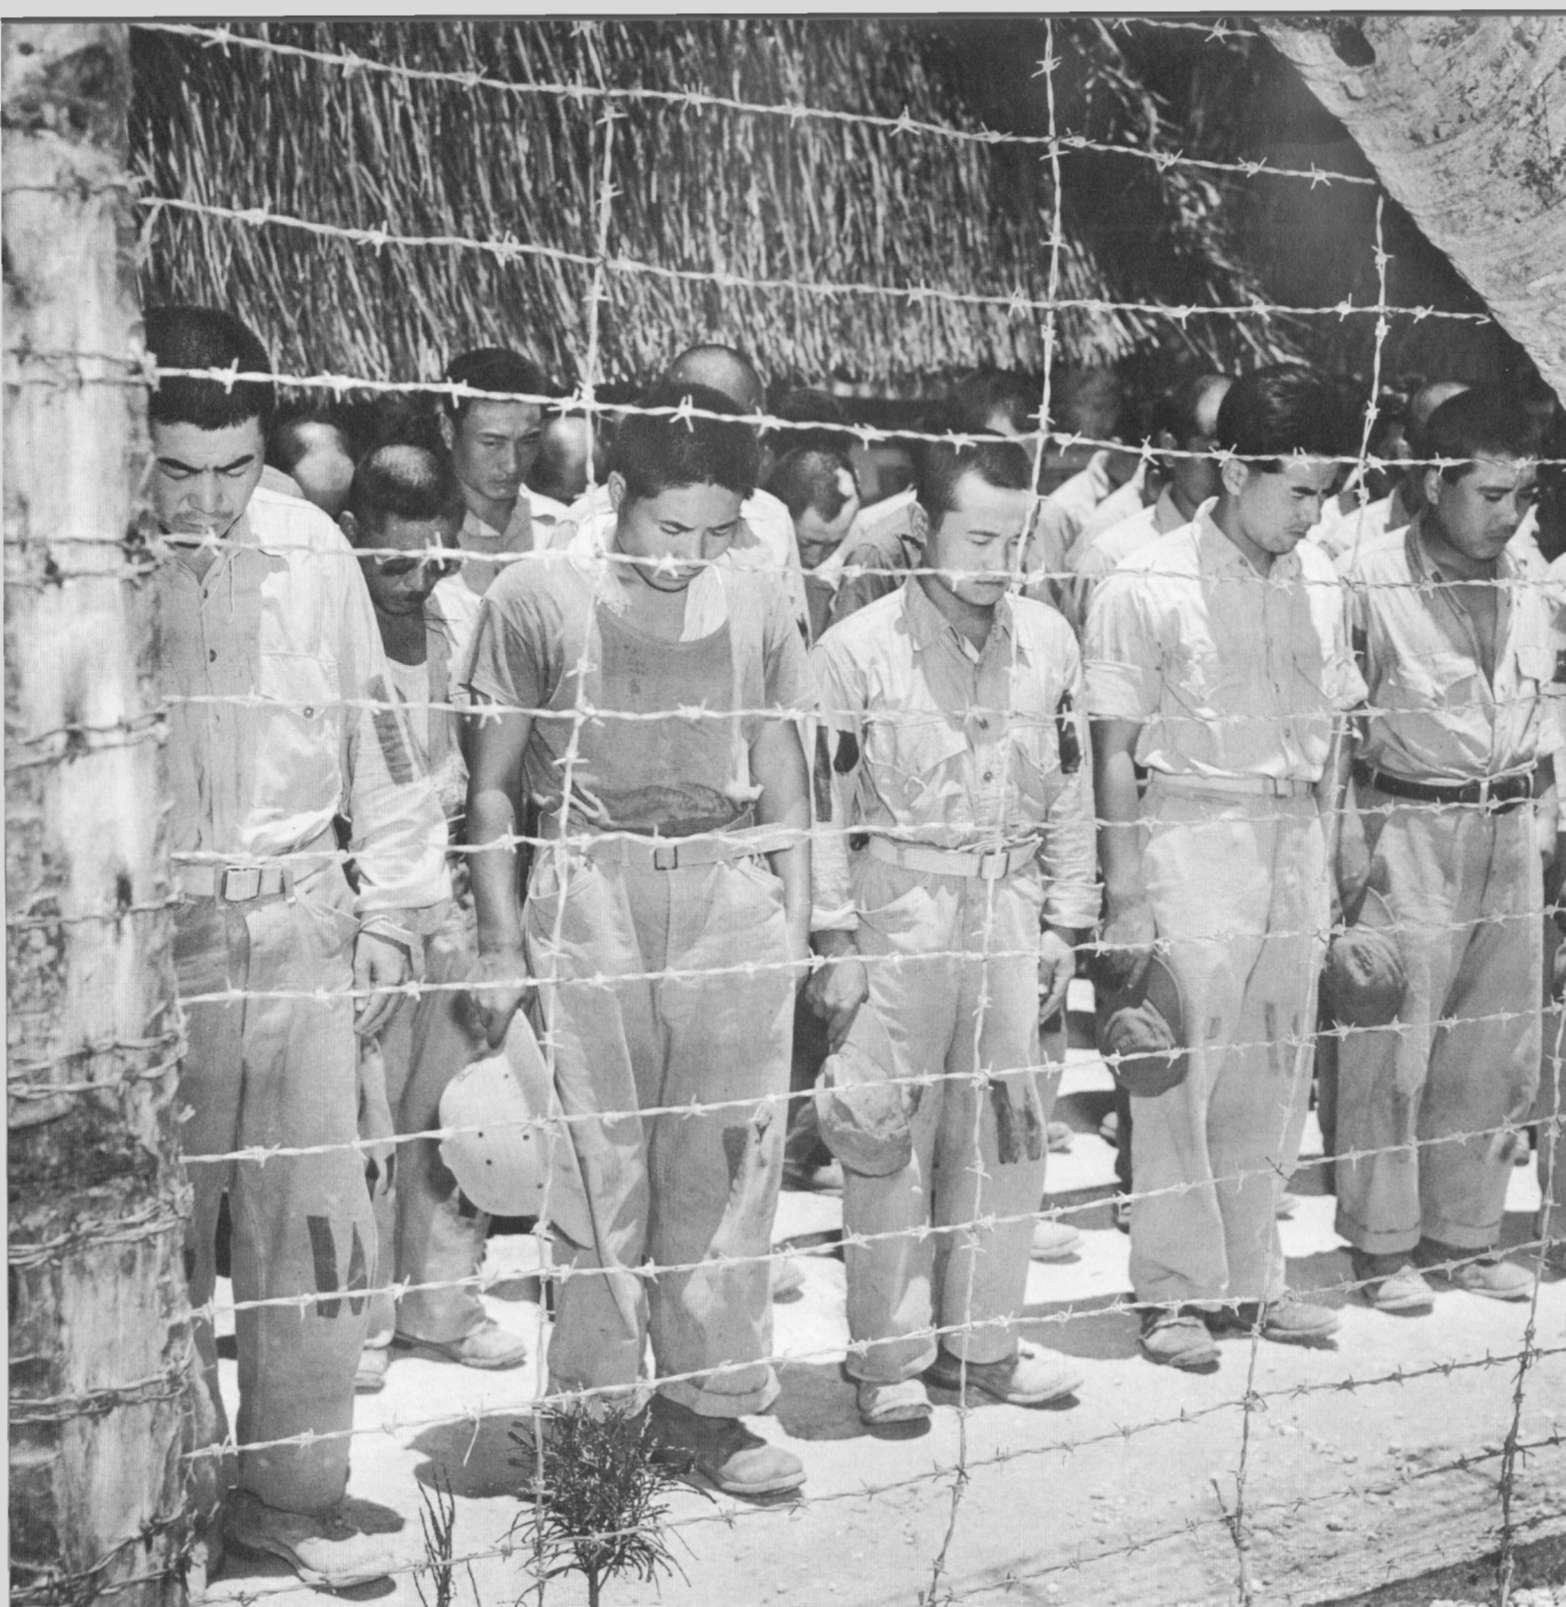 1945. Japán hadifoglyok megtudják Hirohito császár lemondását és Japán kapitulációját..jpg